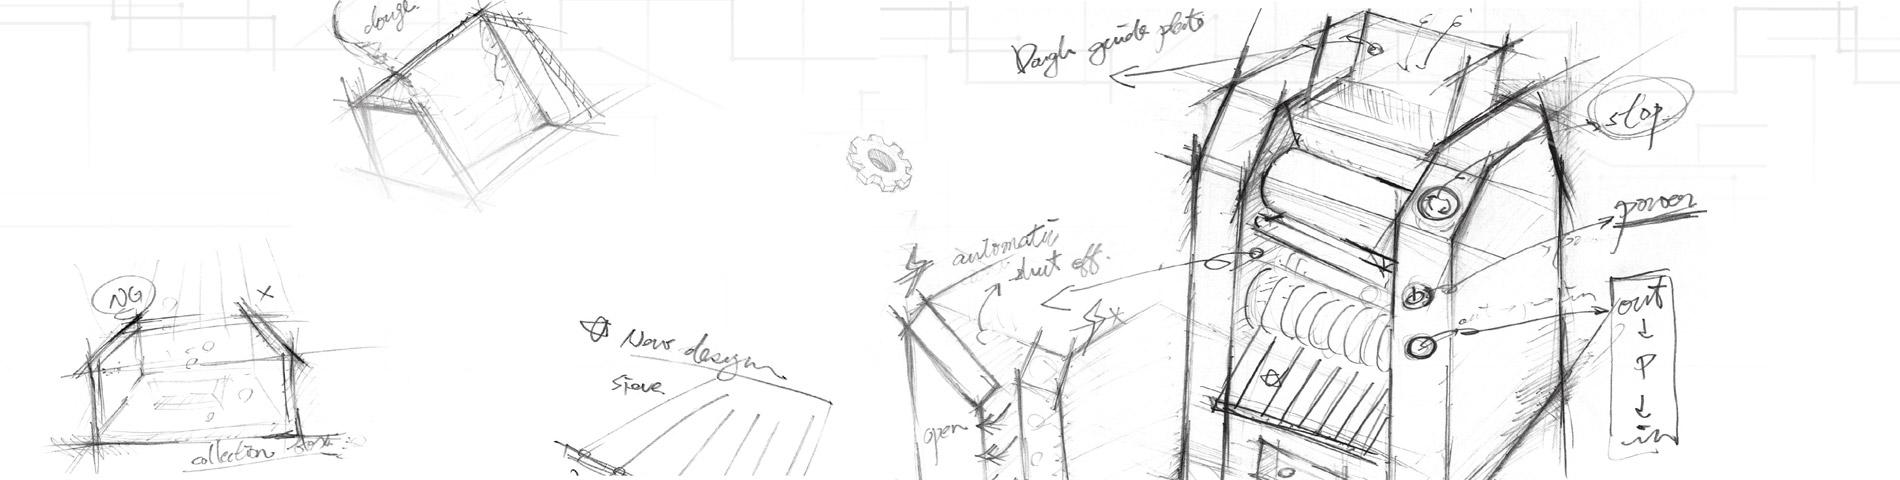 創新產品設計、研發制作 挑戰ODM